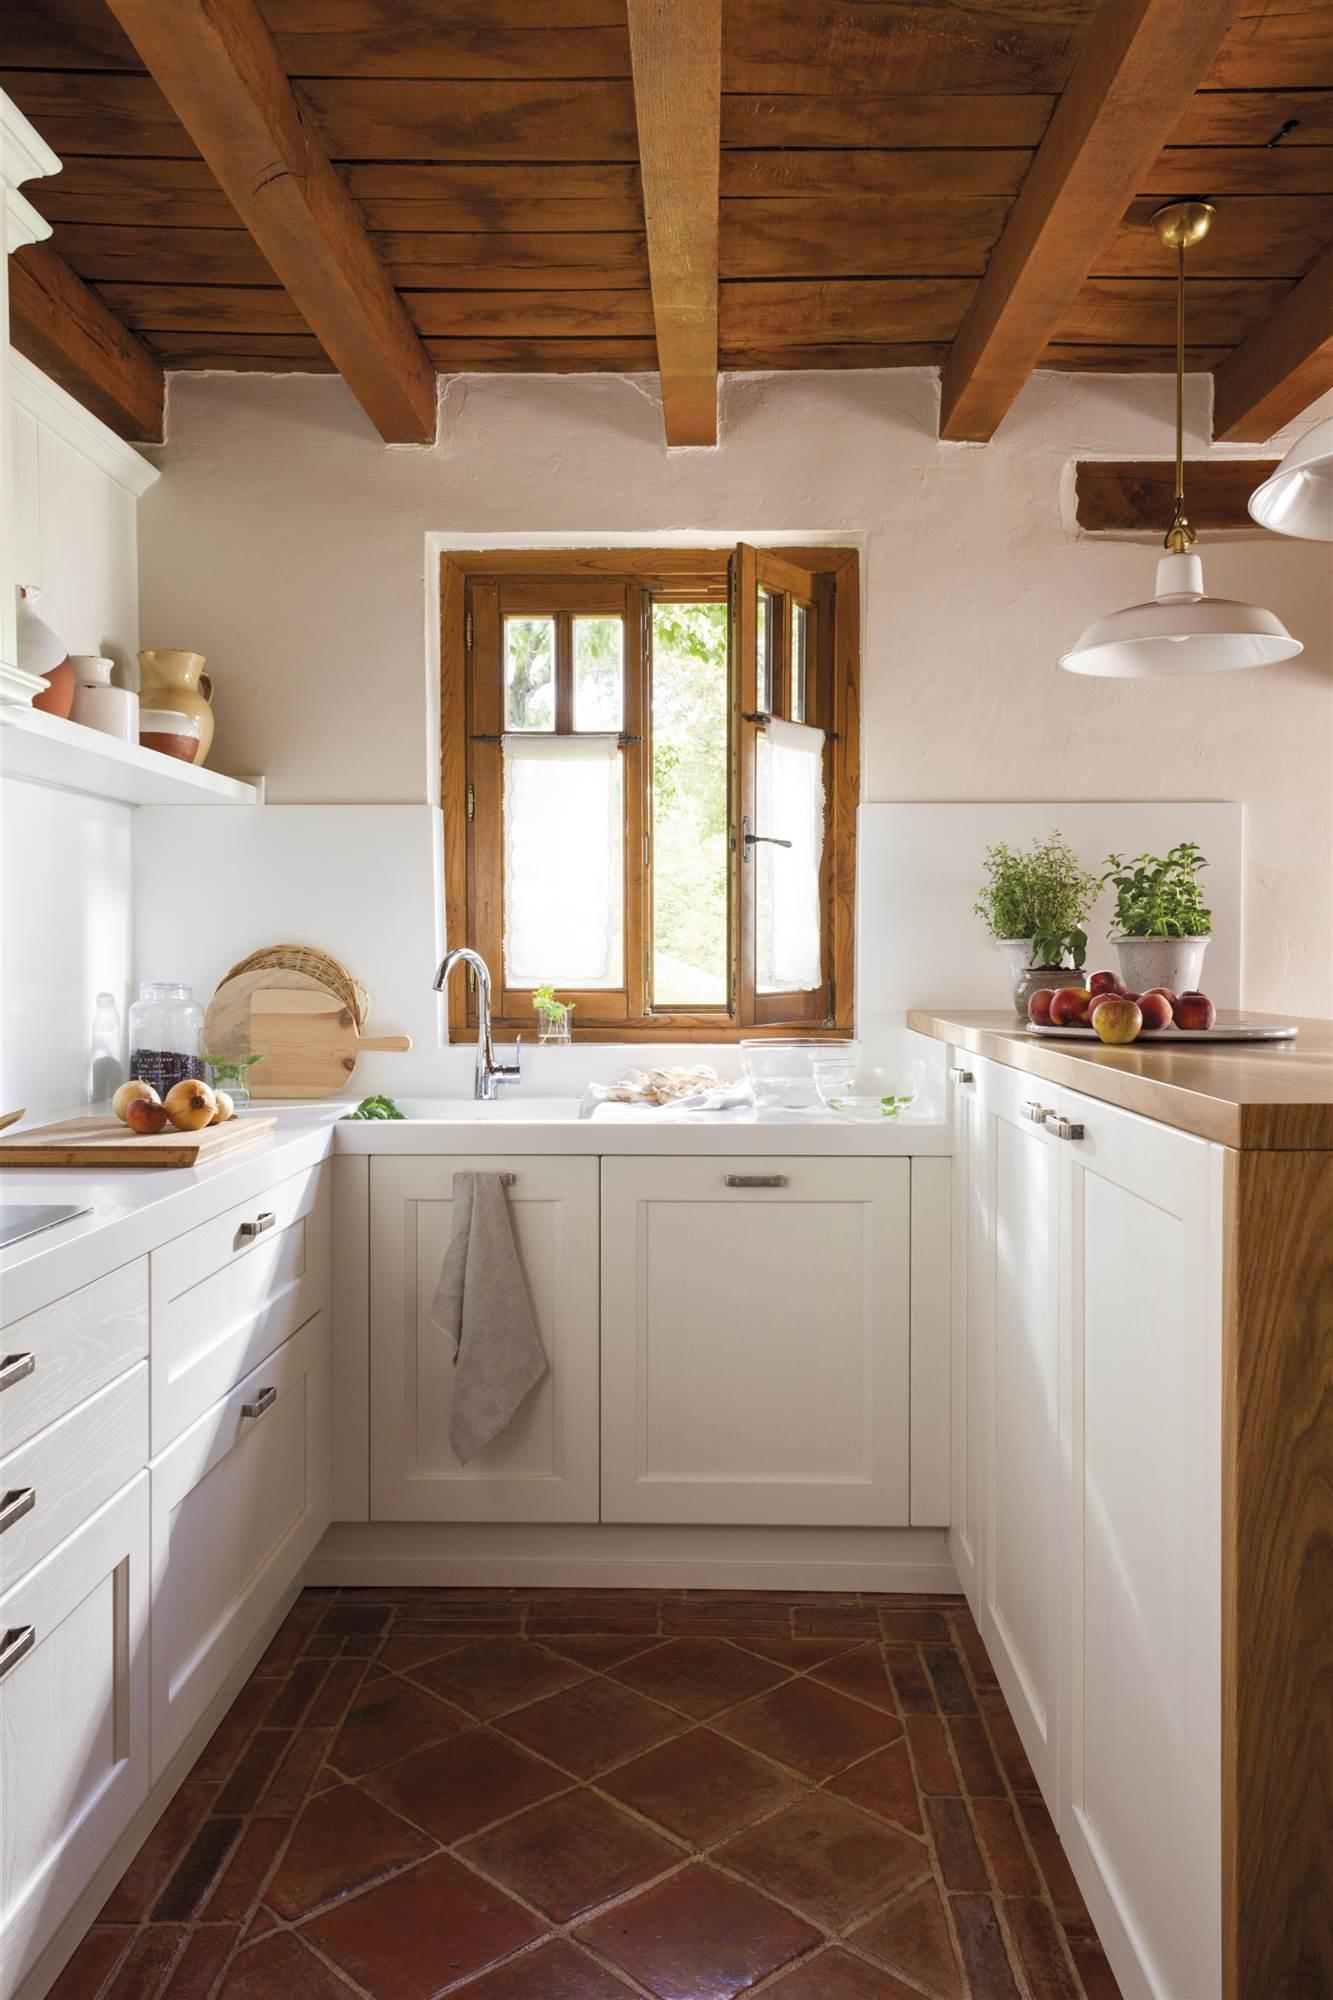 Cocinas peque as ideas decorativas para aprovecharlas y for Barras para cocinas pequenas